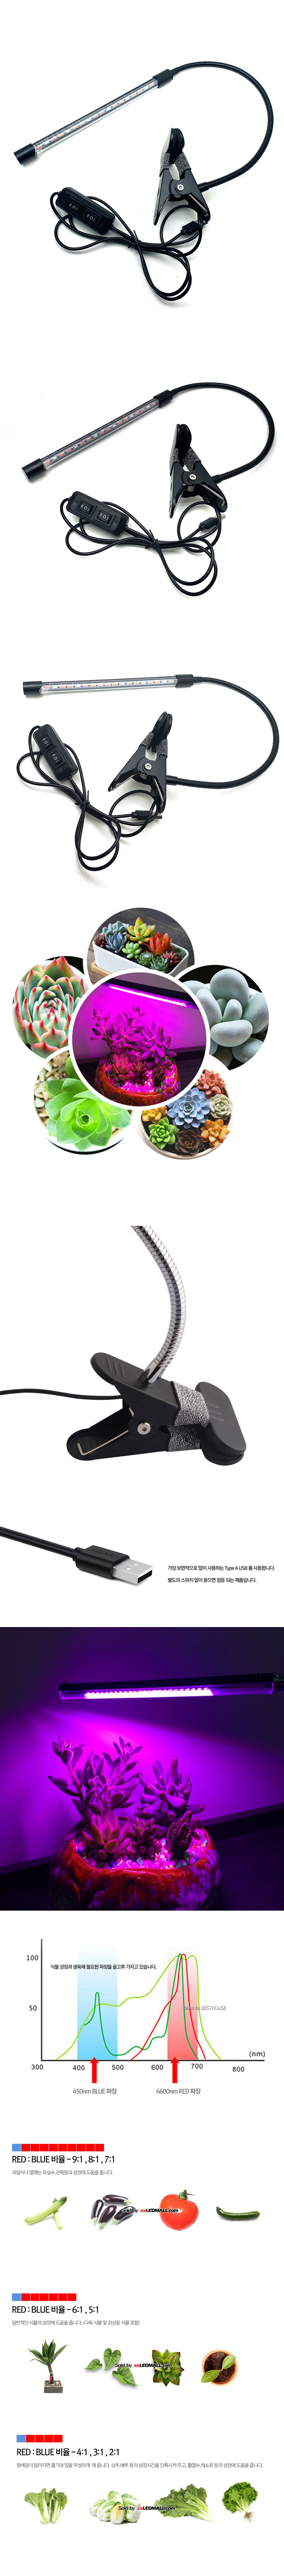 베하.USB 5v 식물성장 5W LED 자바라 스틱